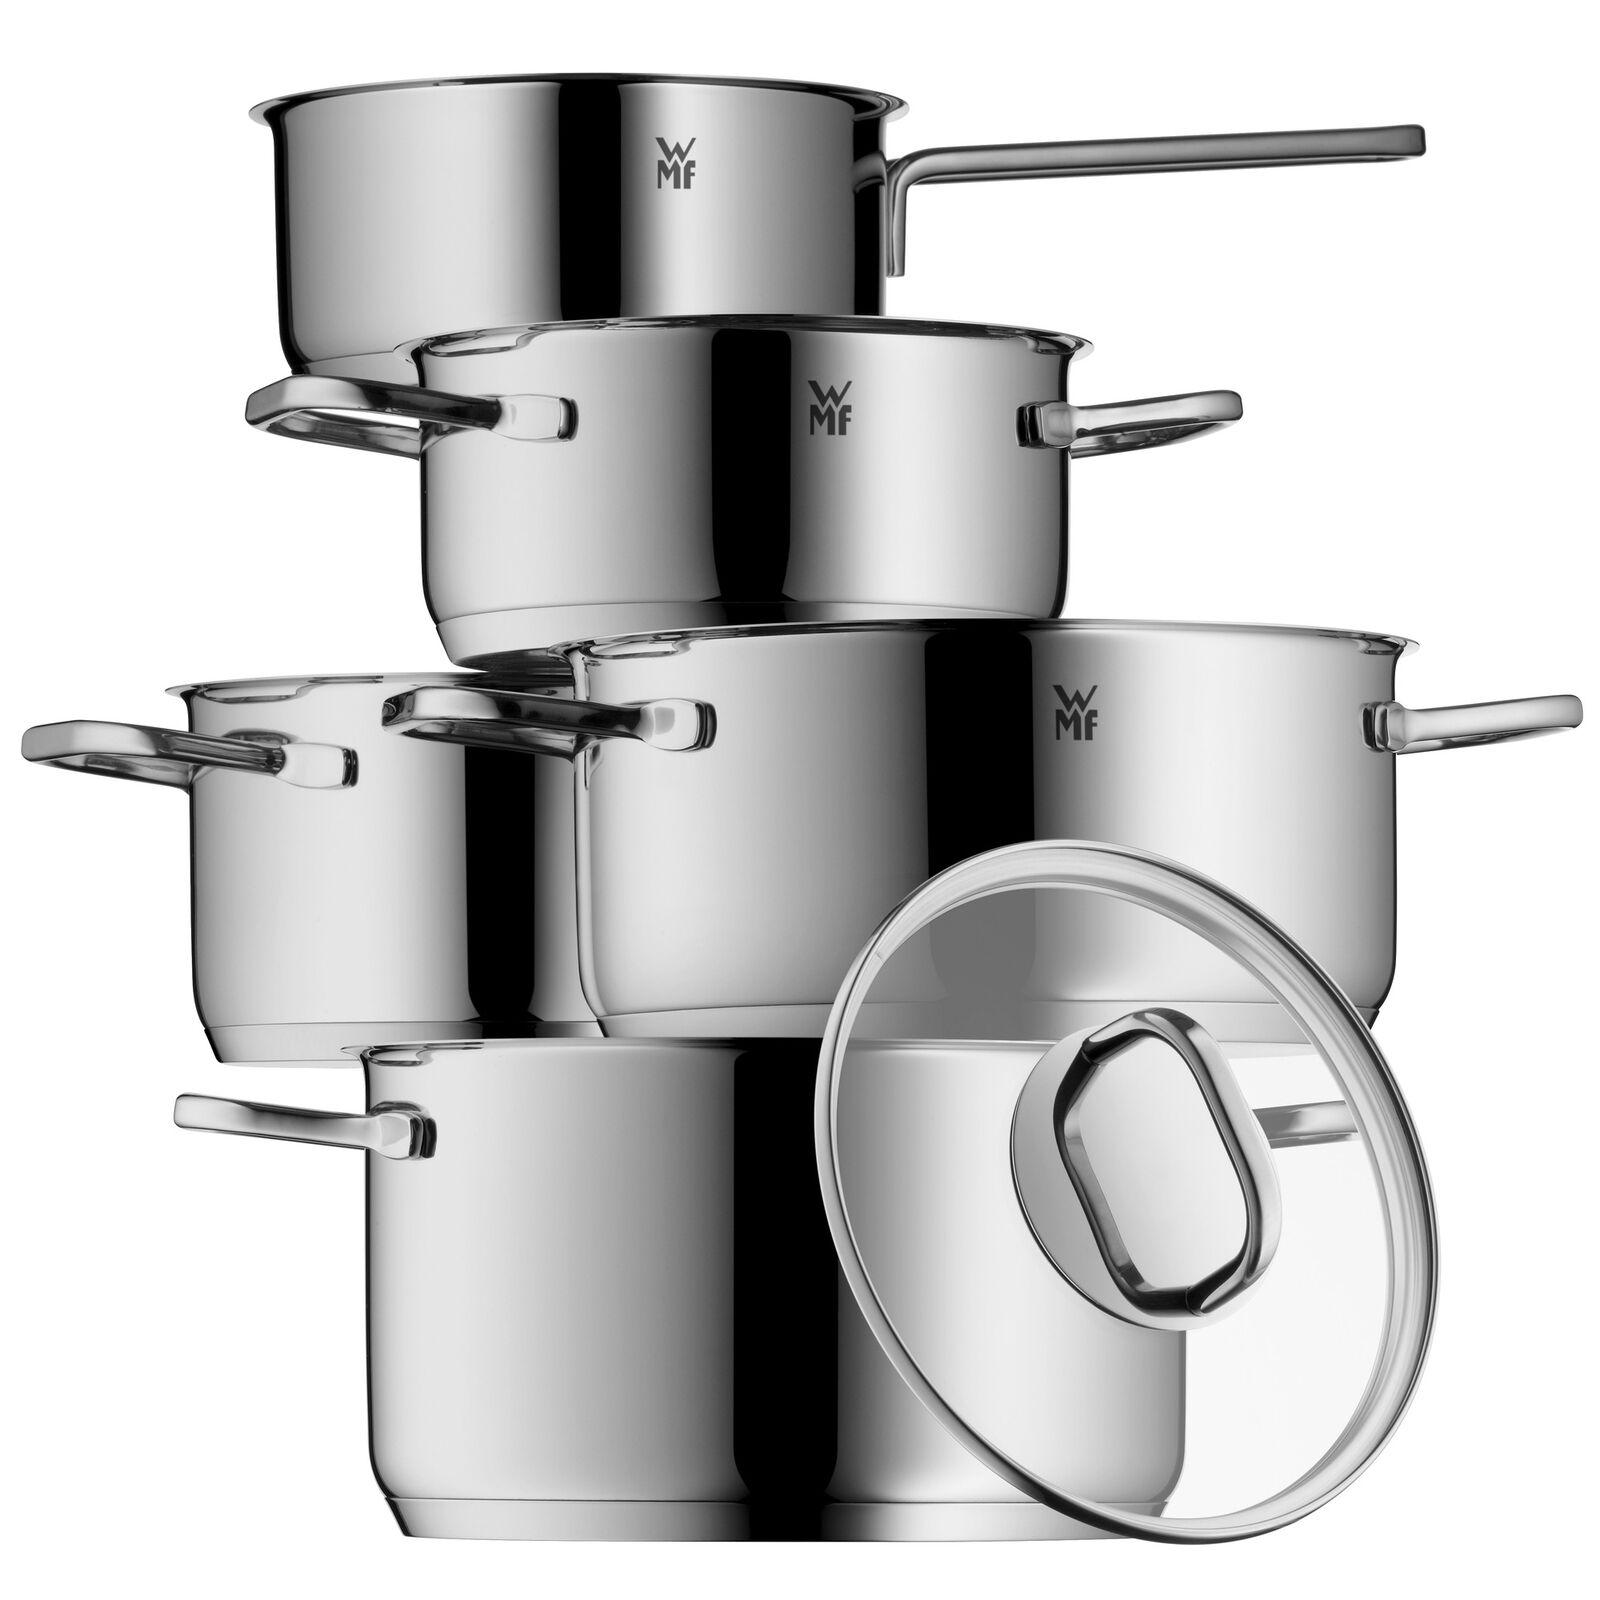 Bild zu 5-teiliges Kochtopf-Set WMF Intension für 119,95€ (Vergleich: 229€)